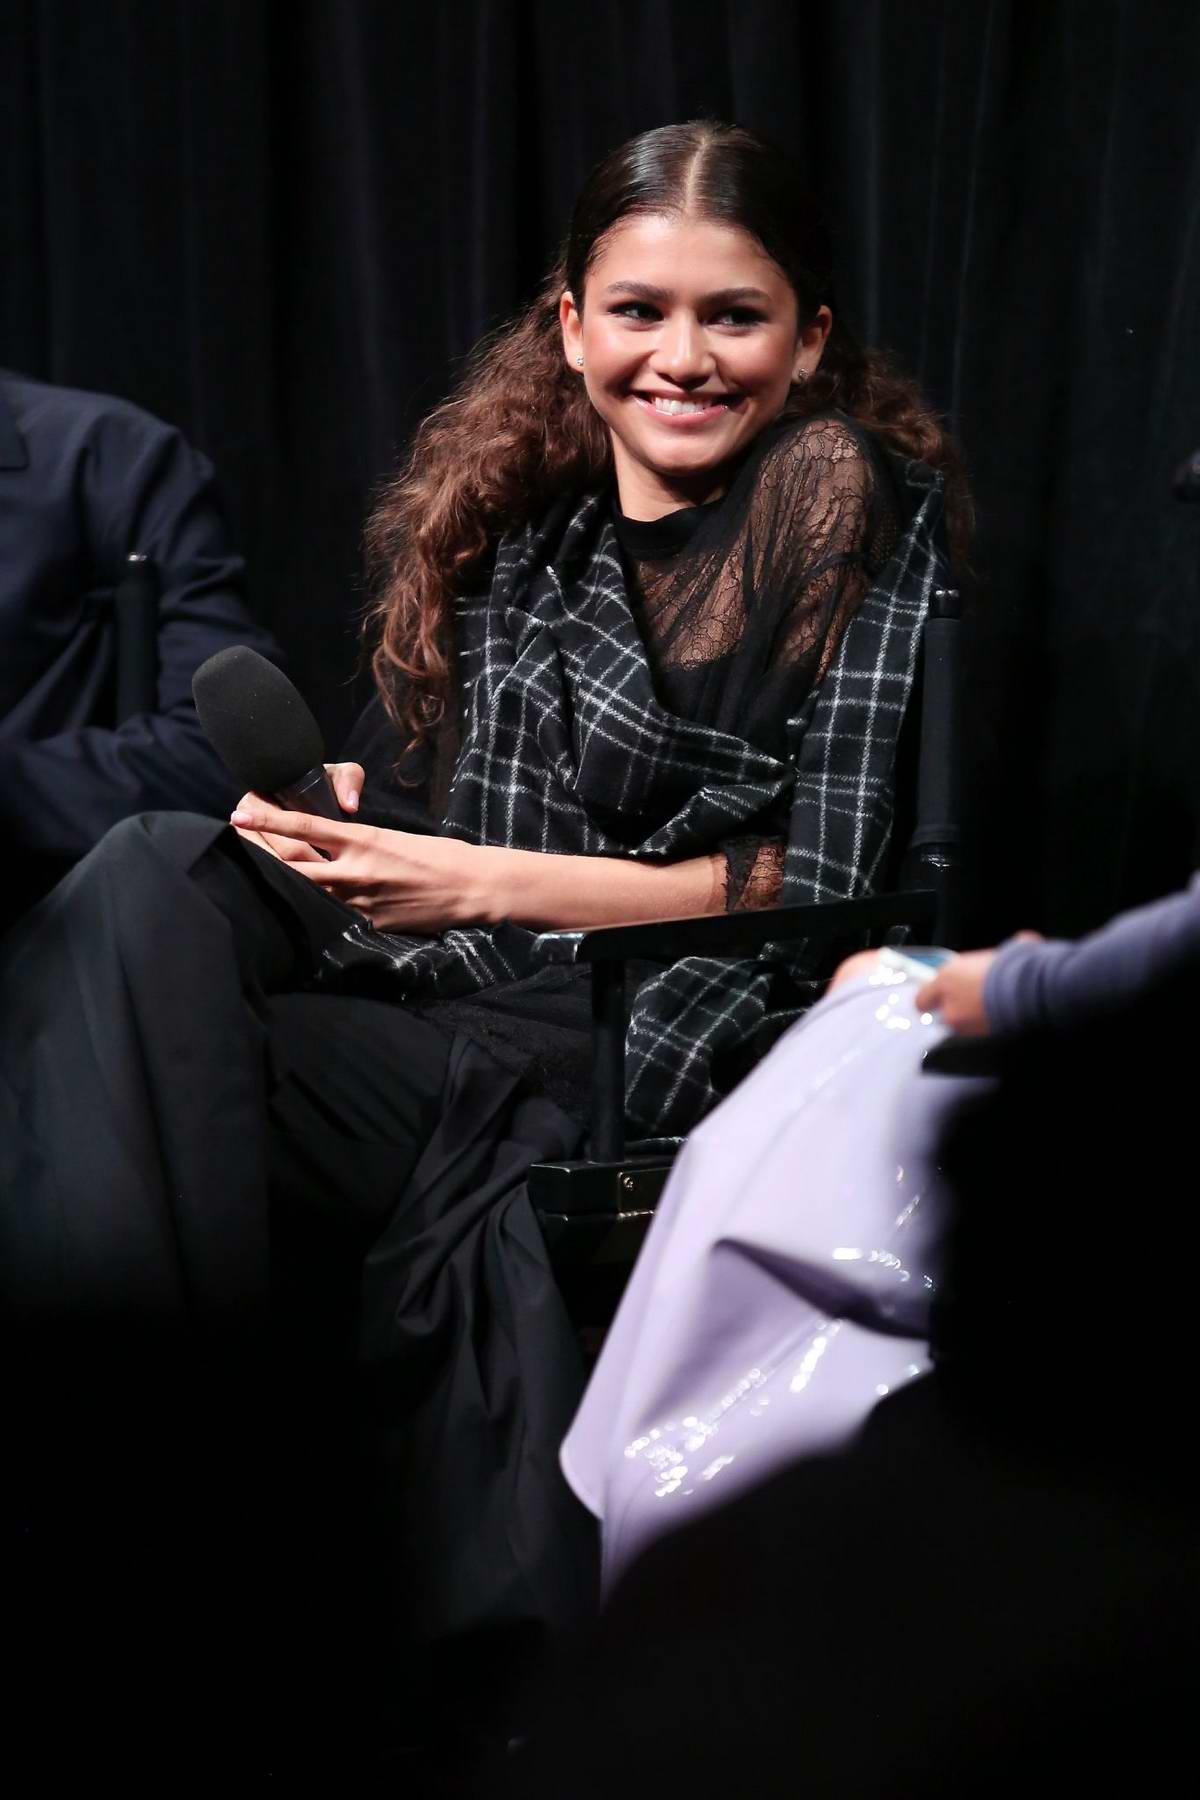 Zendaya attends a screening of HBO's 'Euphoria' in New York City